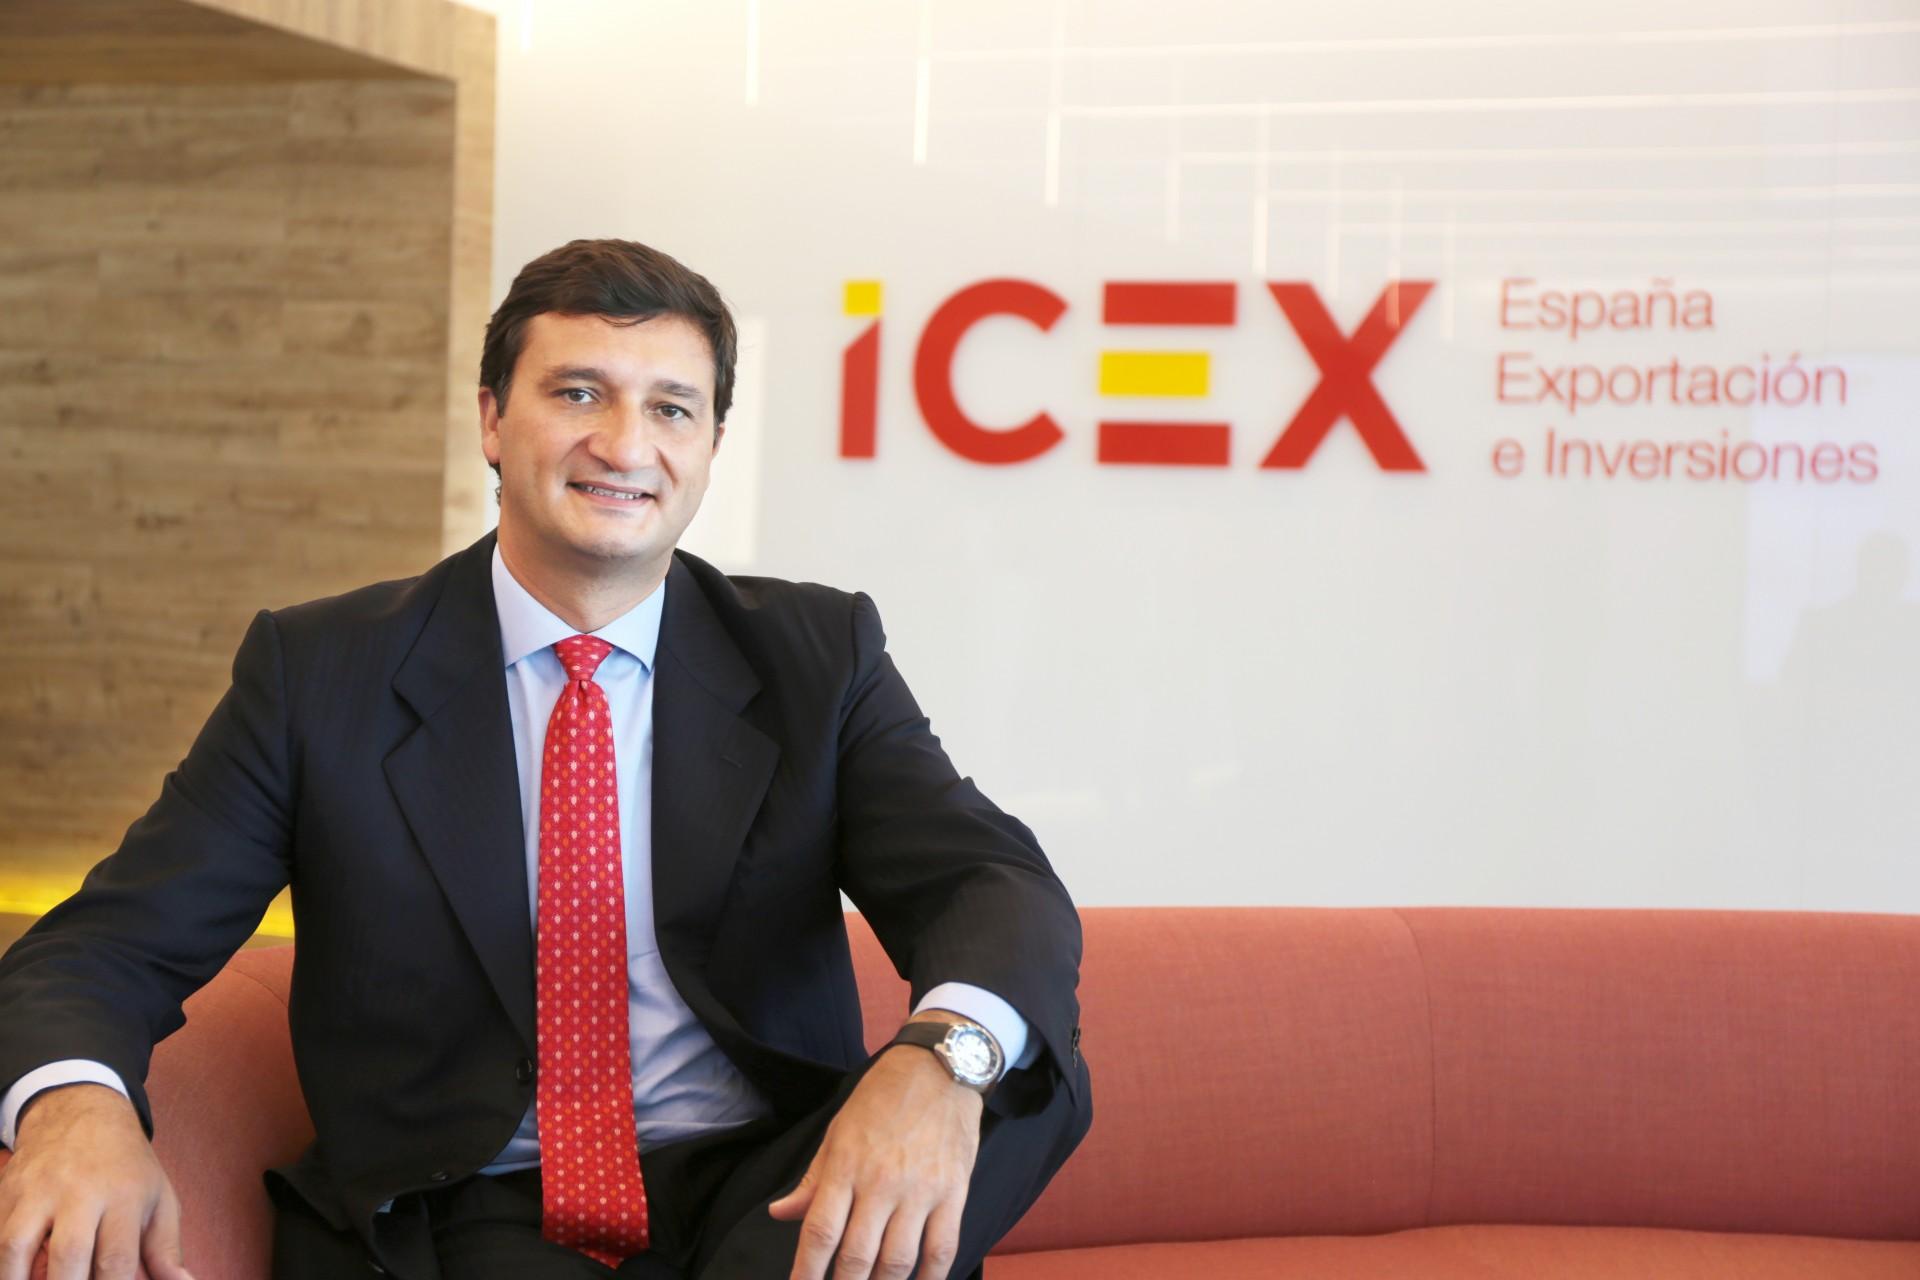 Hablamos con Francisco Javier Garzón, Consejero delegado del ICEX, de la importancia de los parques